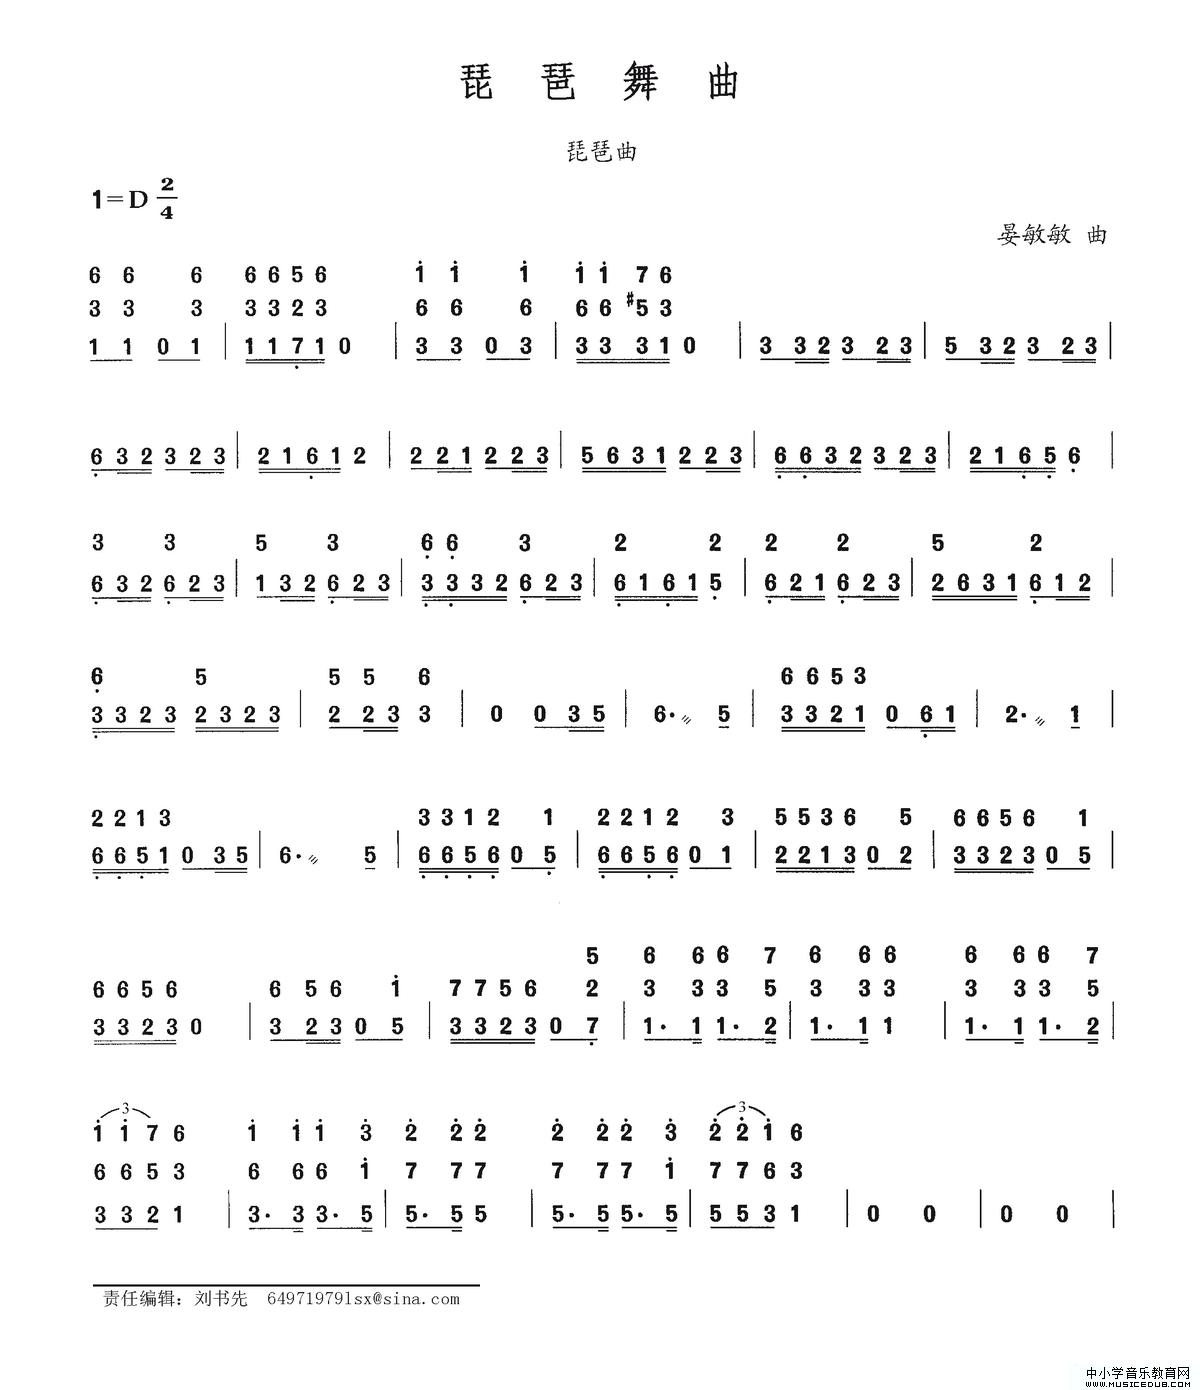 琵琶舞曲(1)_原文件名:琵琶舞曲.png